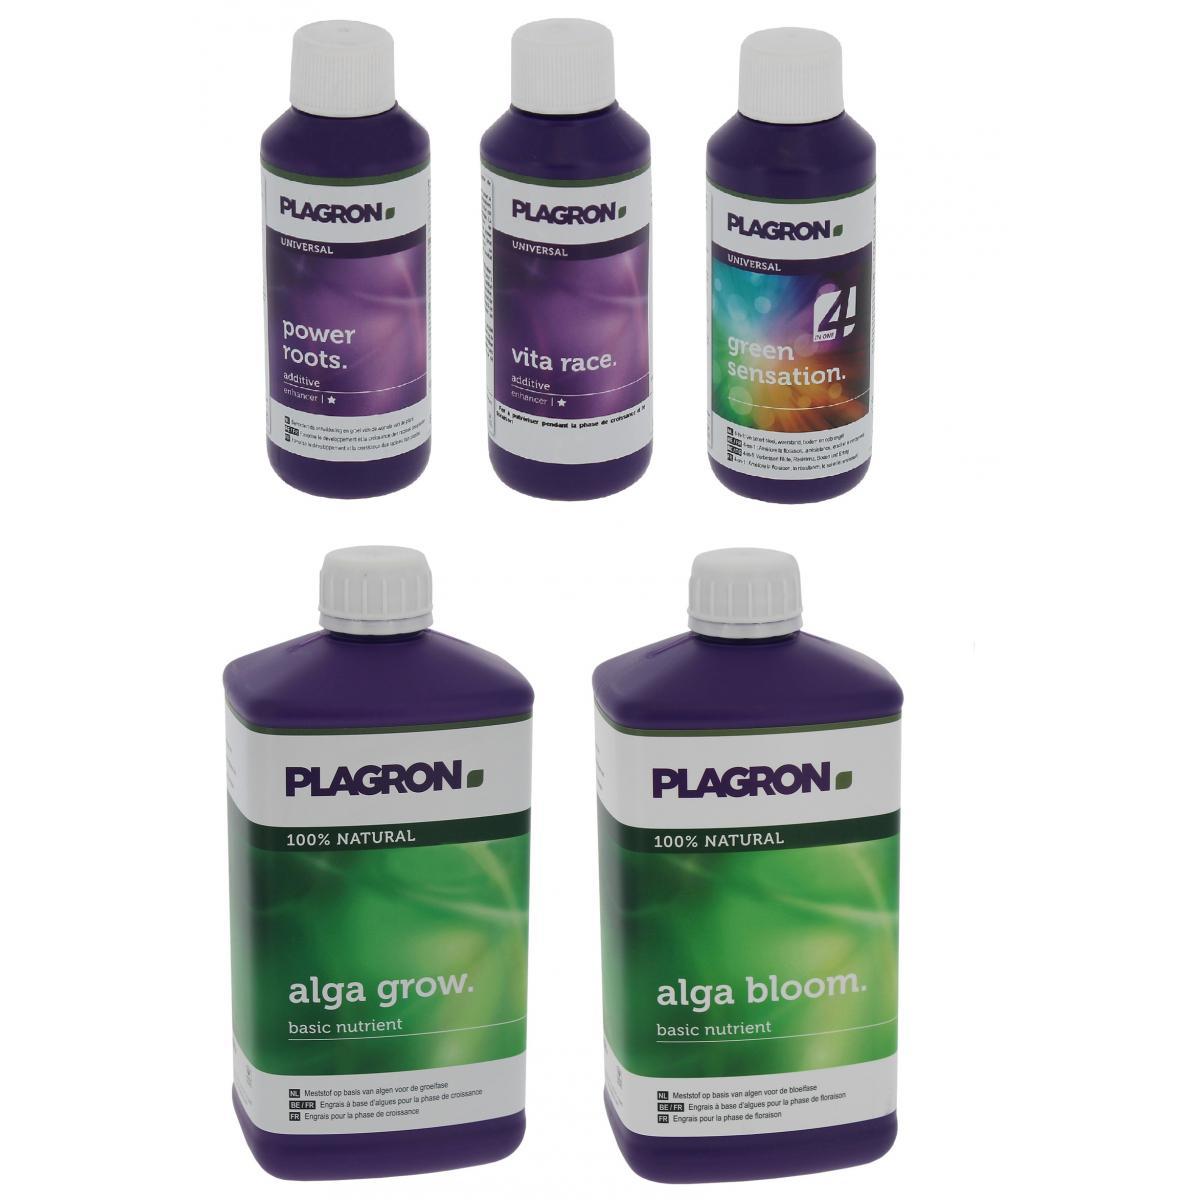 Plagron Pack engrais Alga PLAGRON en litre + stimulants